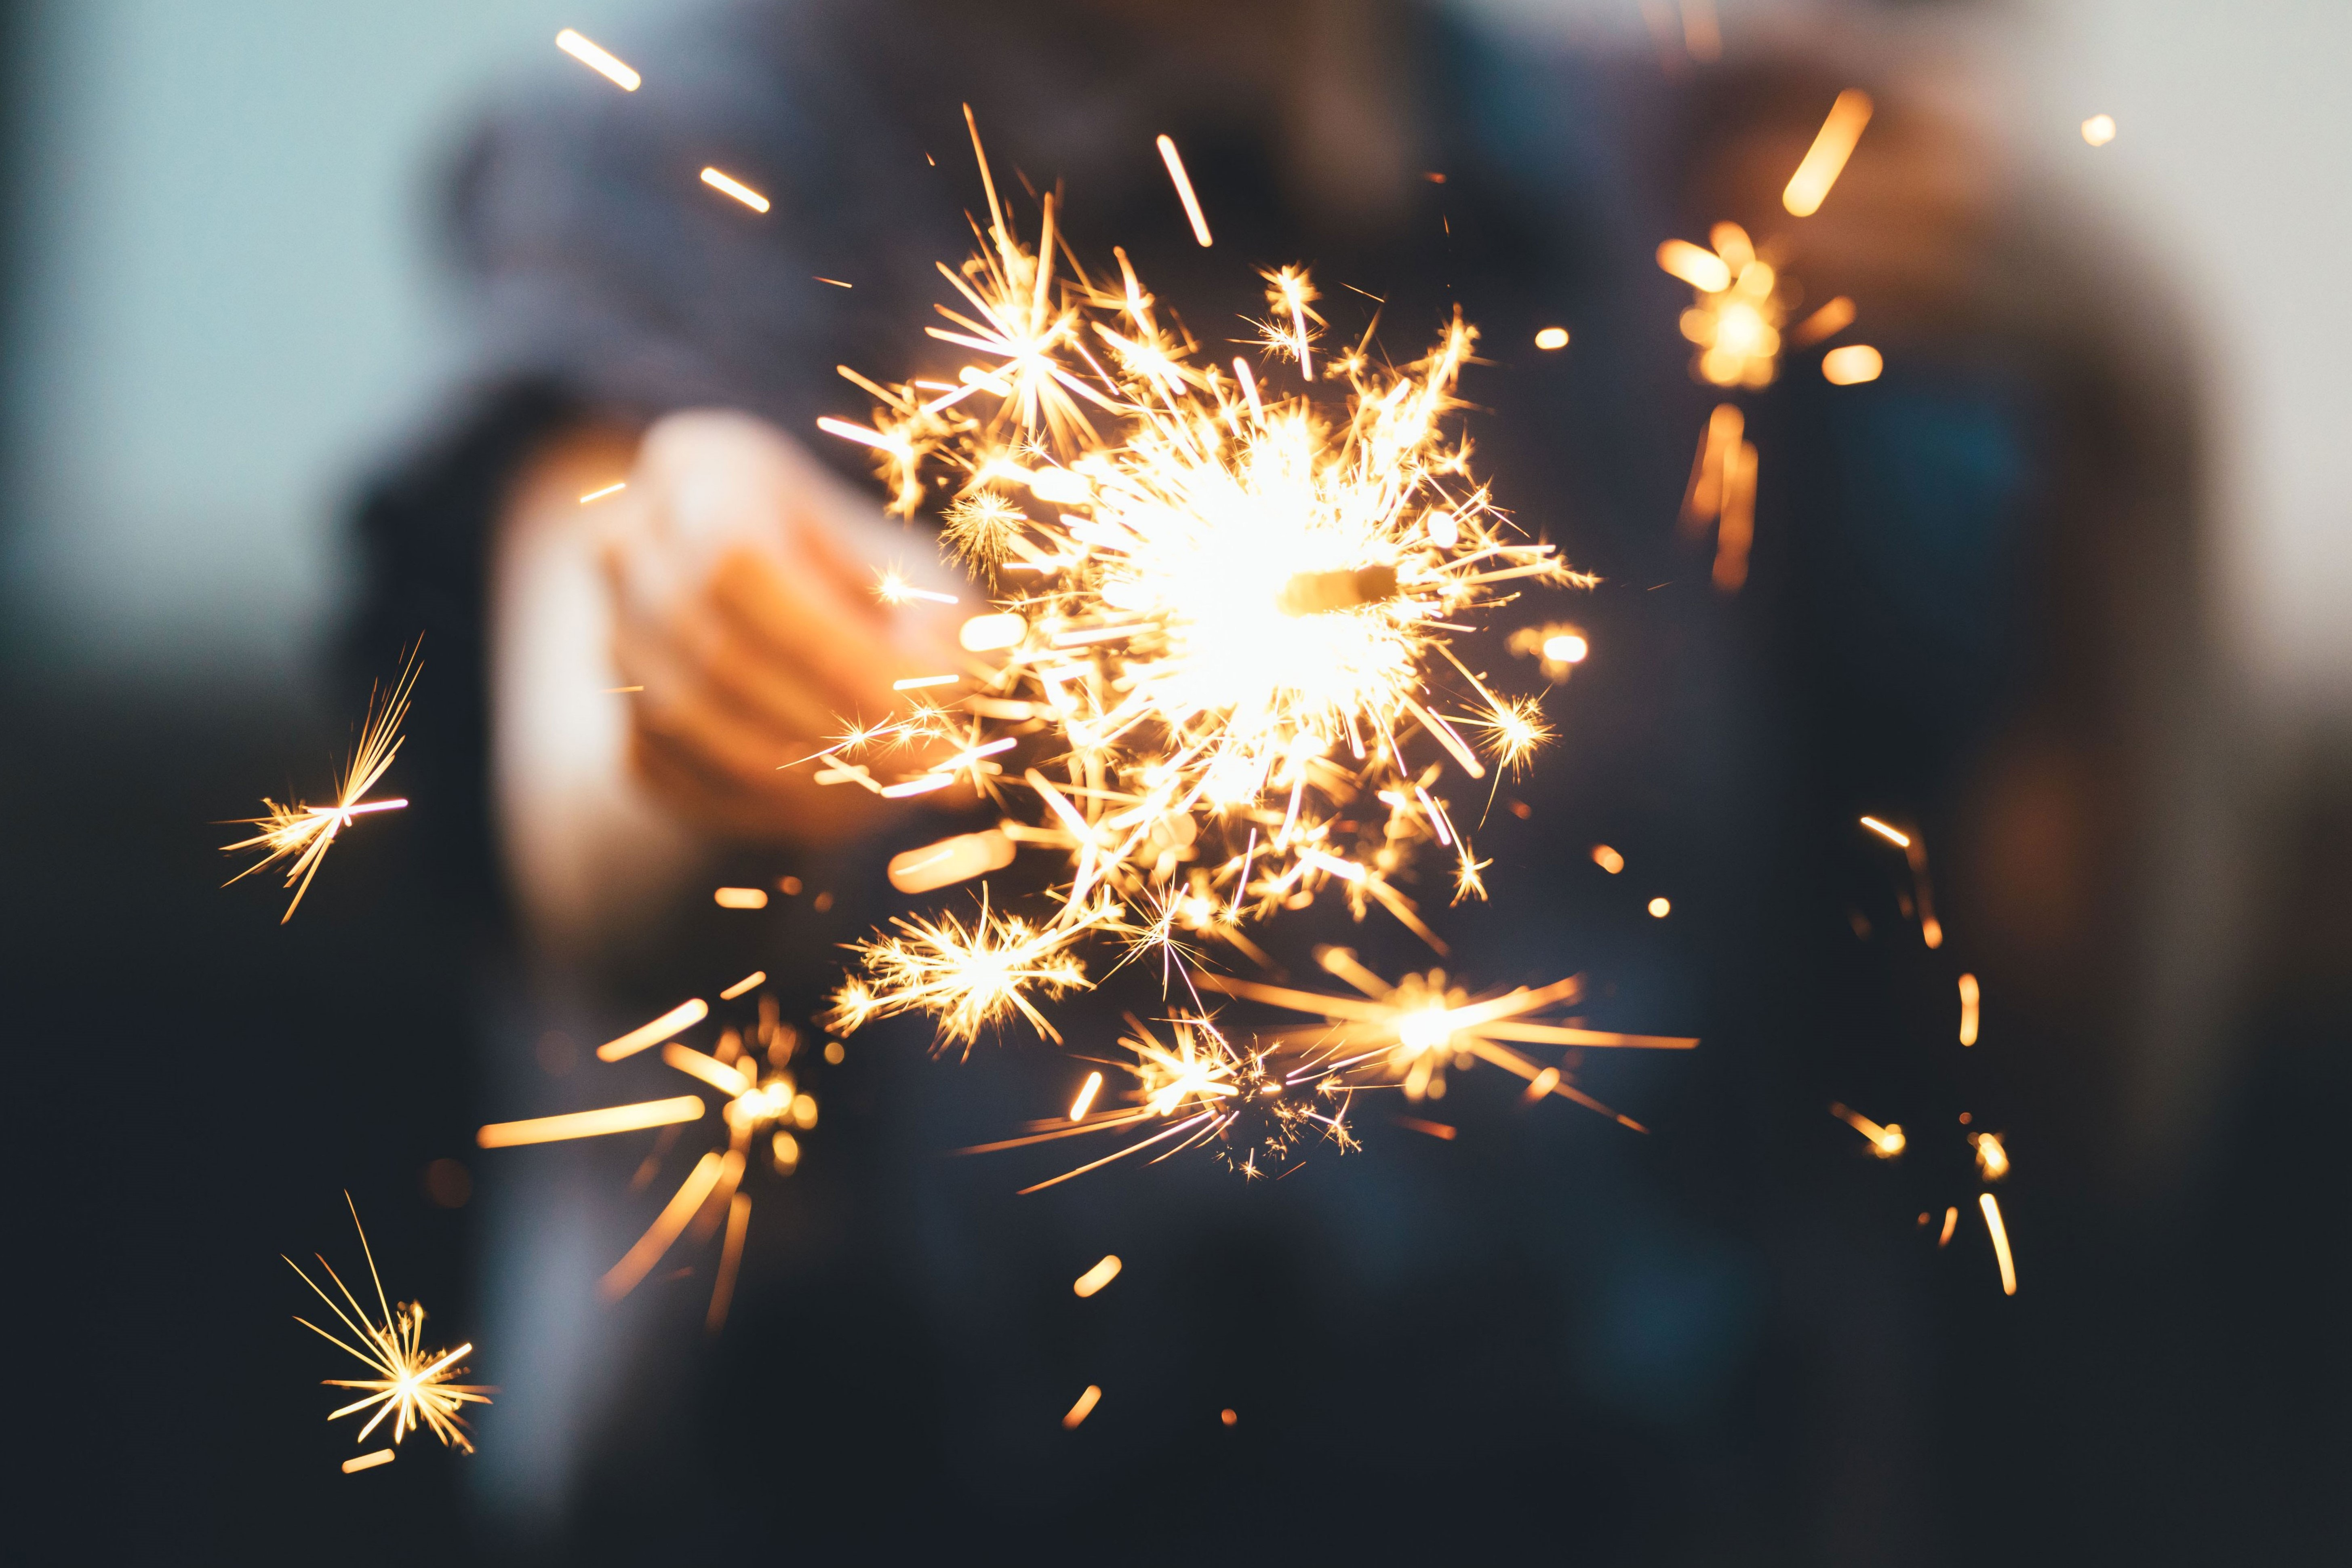 Saa toivoa, saa jännittää – hyvää uutta vuotta parisuhteelle!